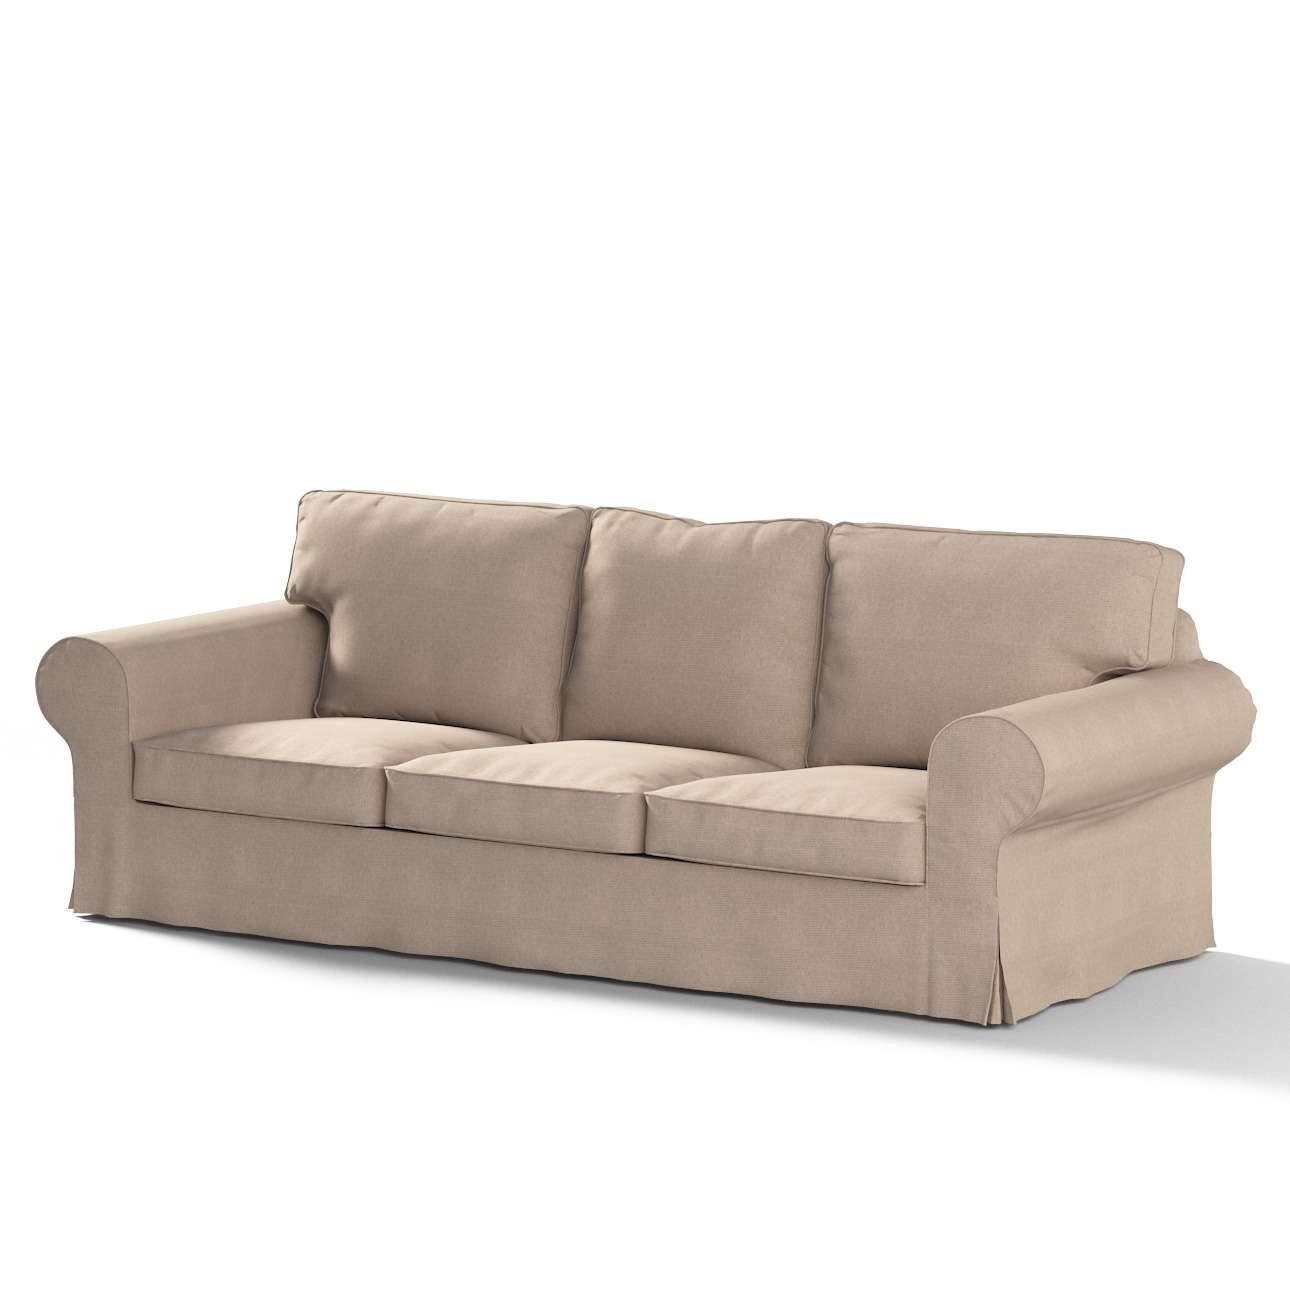 Ektorp trivietės sofos užvalkalas Ektorp trivietės sofos užvalkalas kolekcijoje Etna , audinys: 705-09